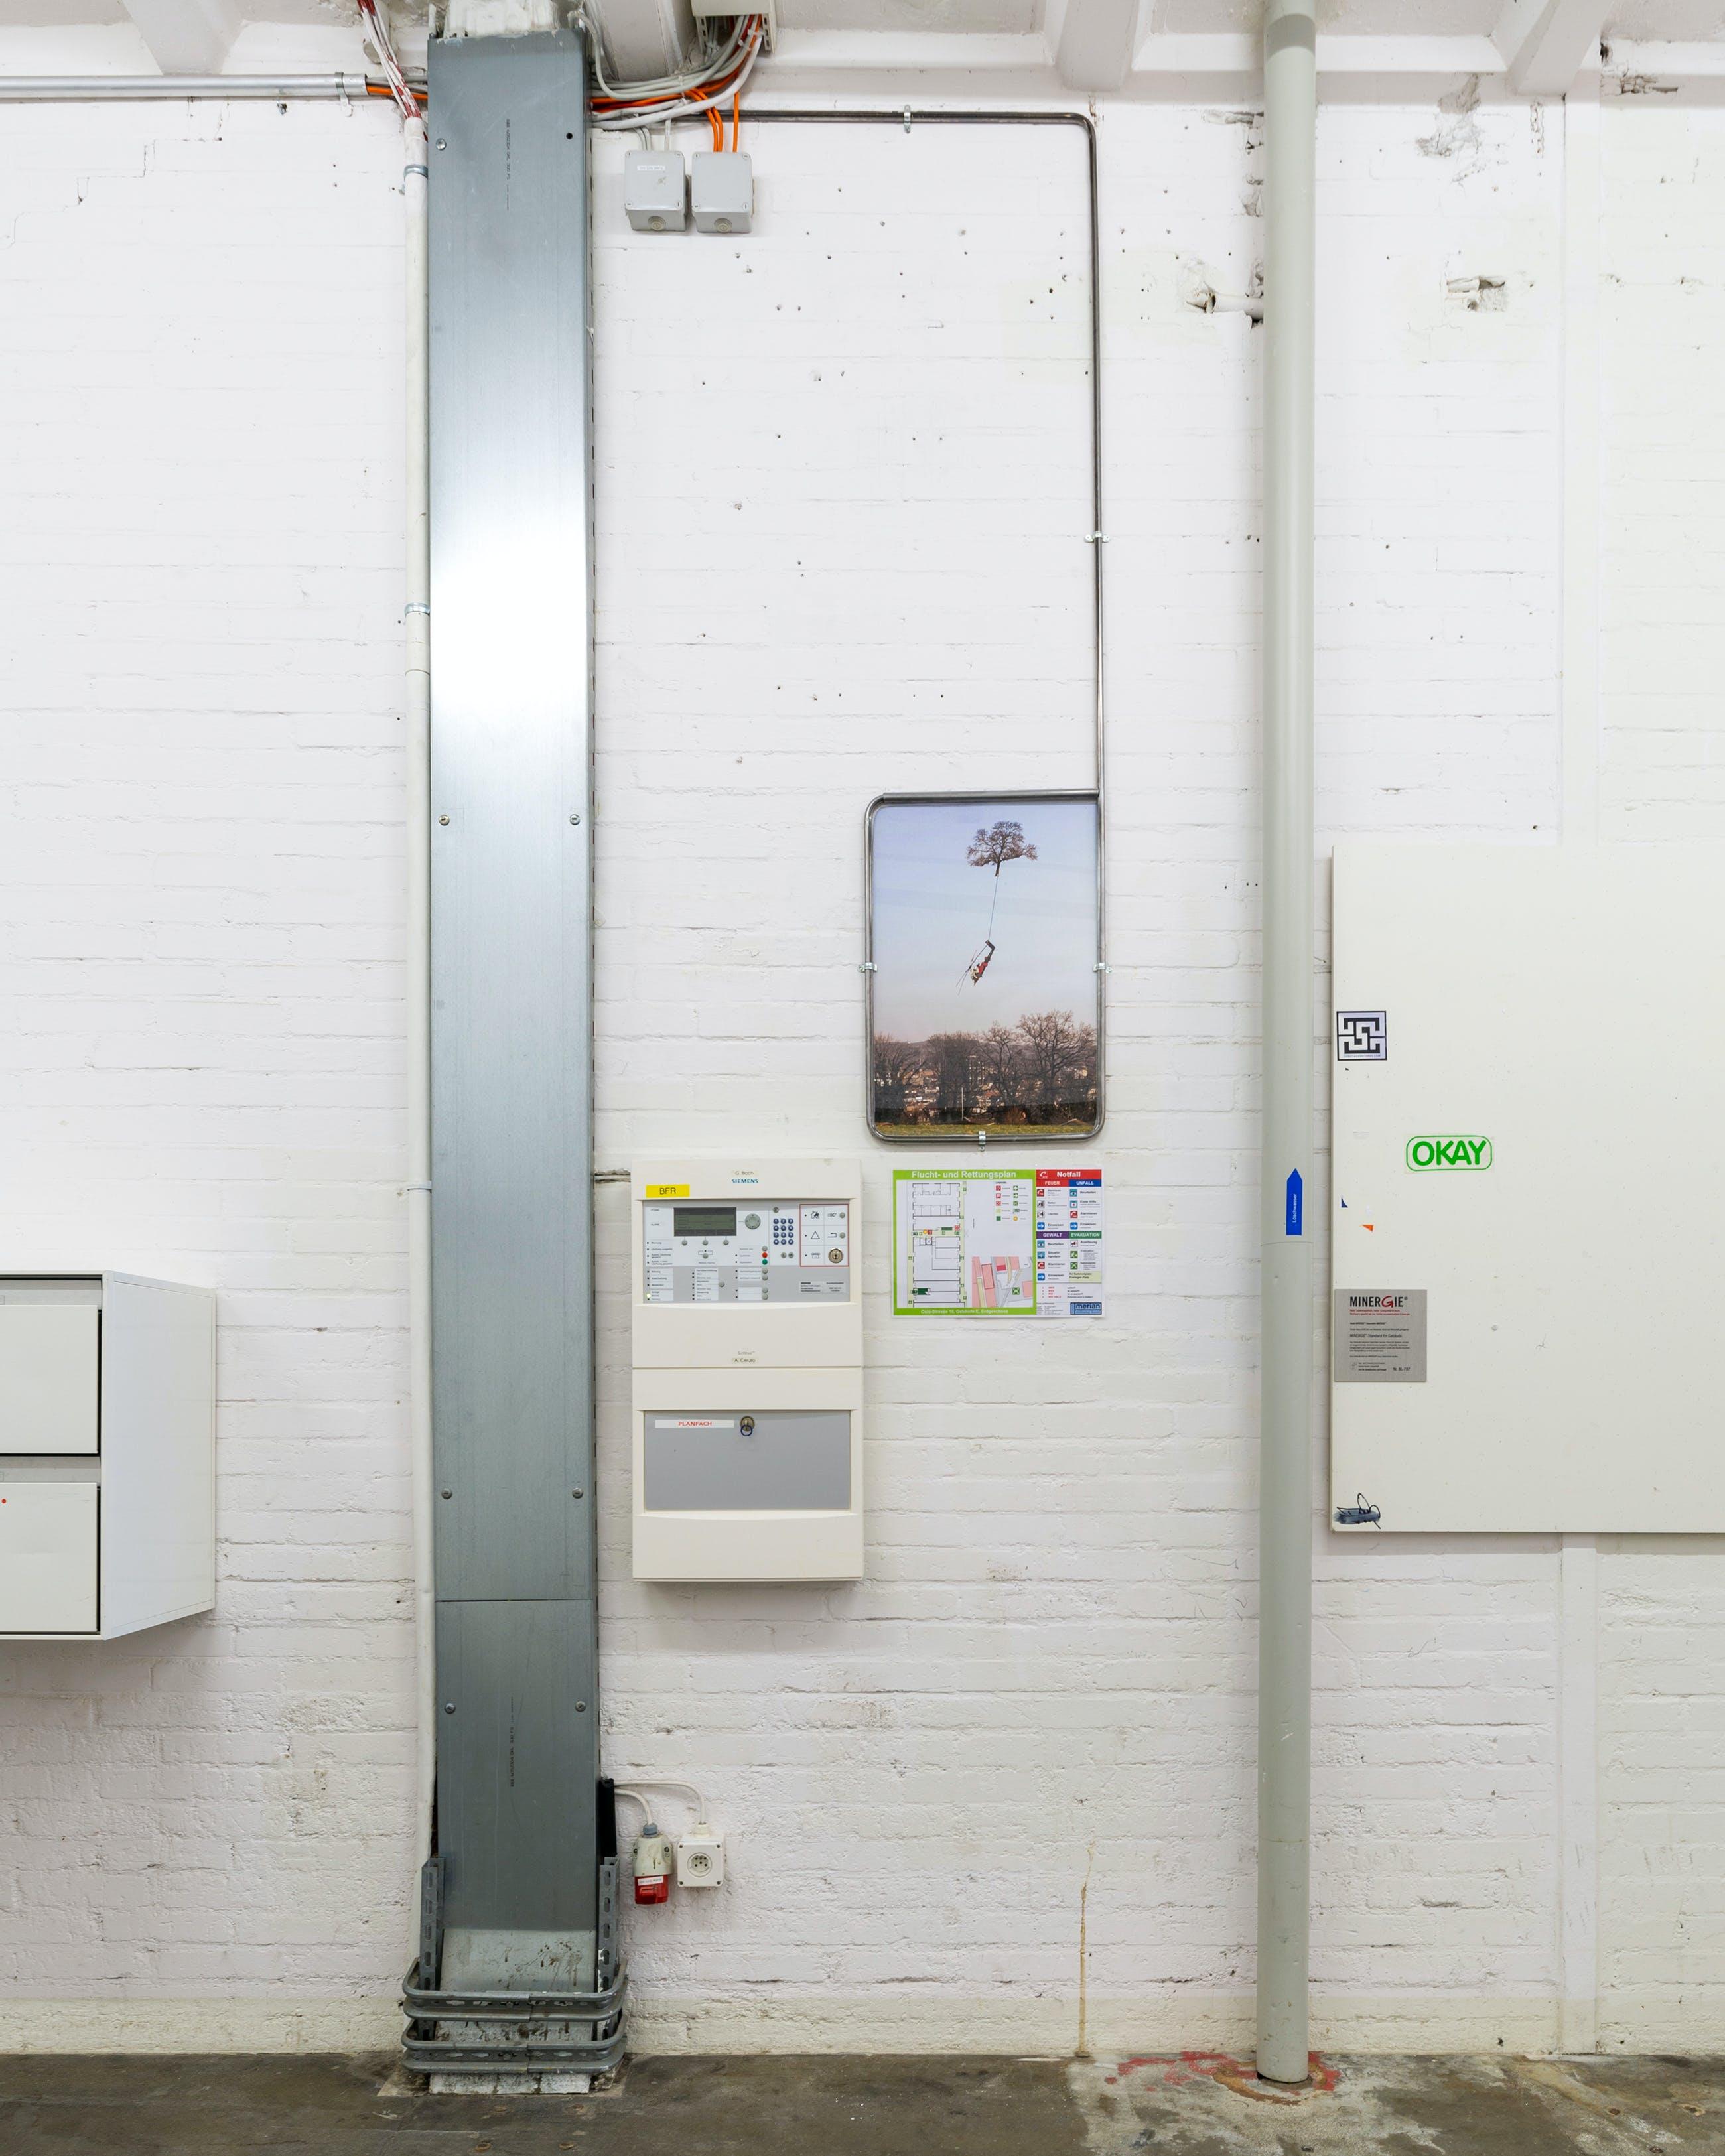 Jacob Ott Art artist Kunst Künstler Basel All I work For is you Kunsthalle Oslo gallery